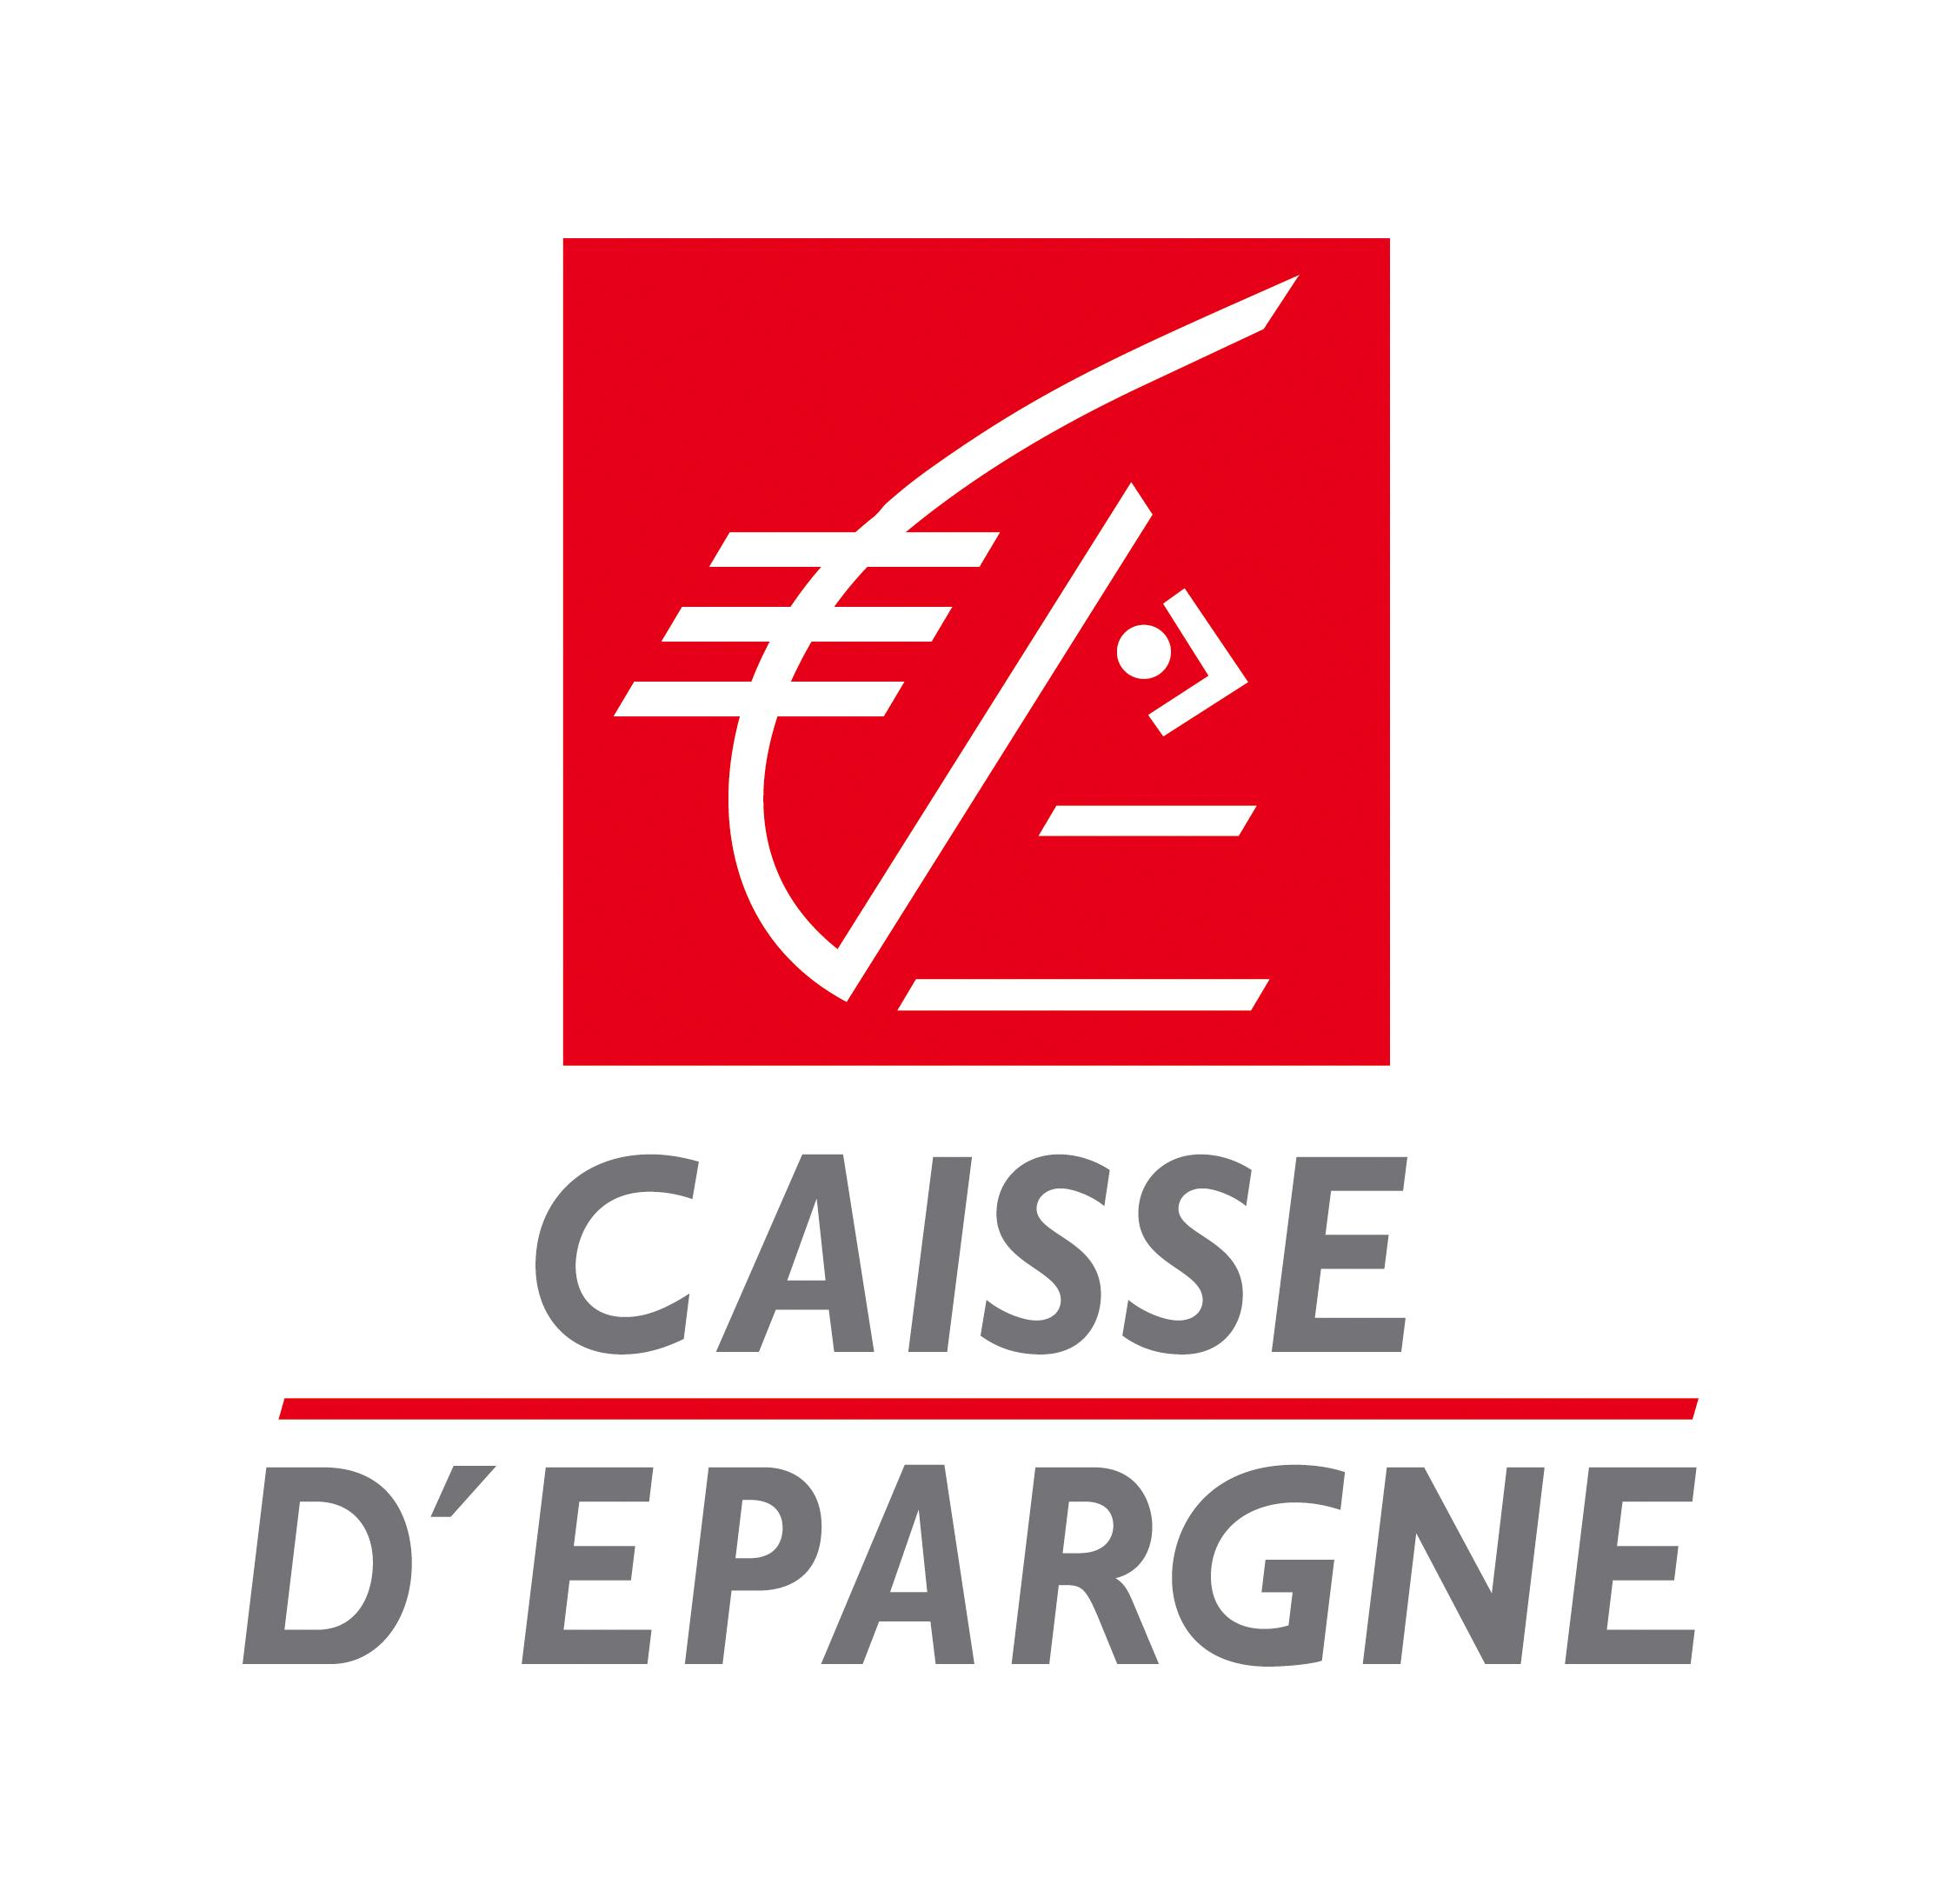 Télephone information entreprise  Caisse d´épargne